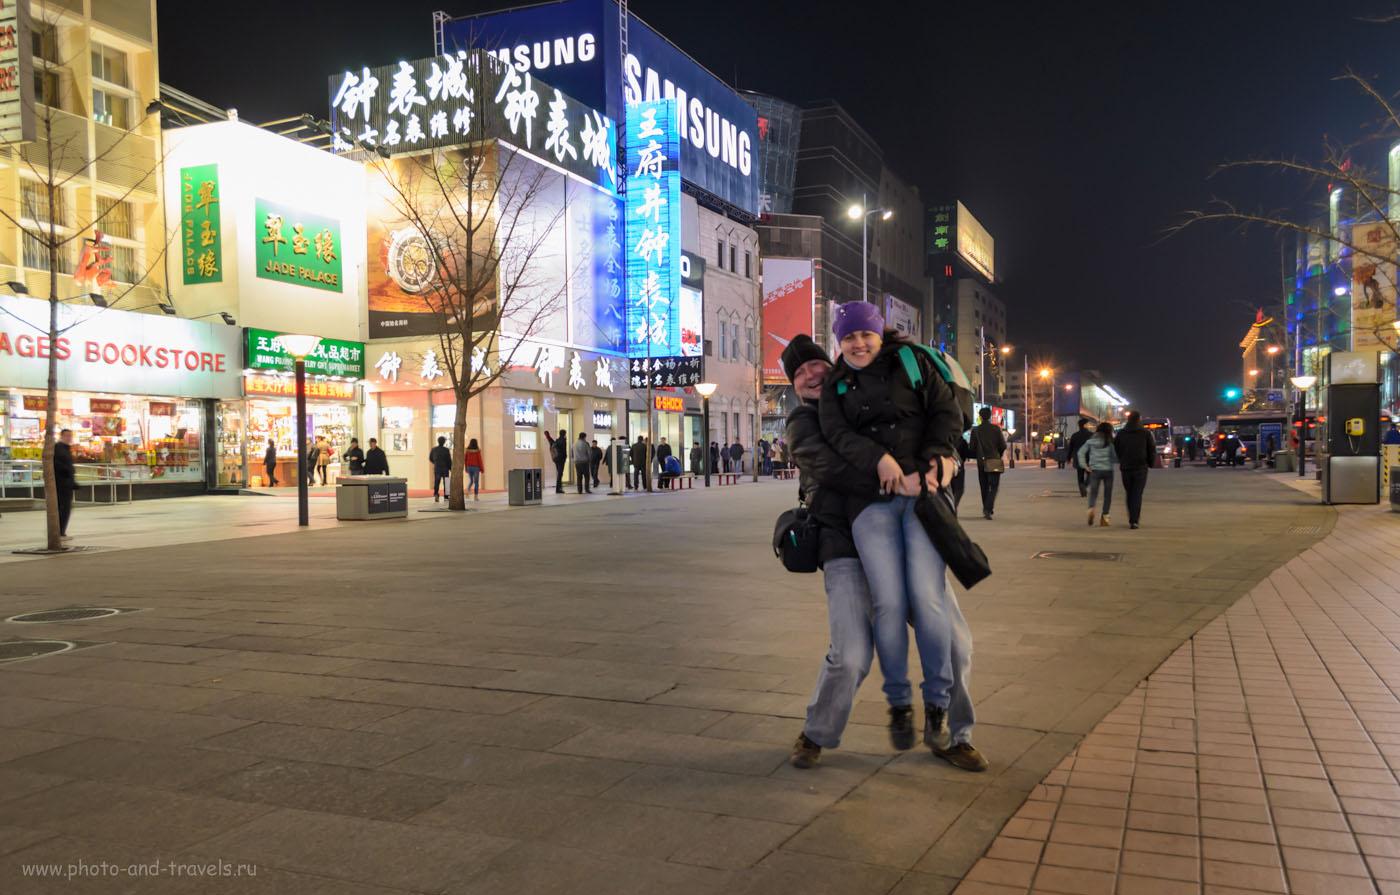 Фотография 3. Прогулка по знаменитой пешеходной улице Ваньфудзин (Wangfujing) в Пекине. Отзывы туристов о путешествии по Китаю самостоятельно